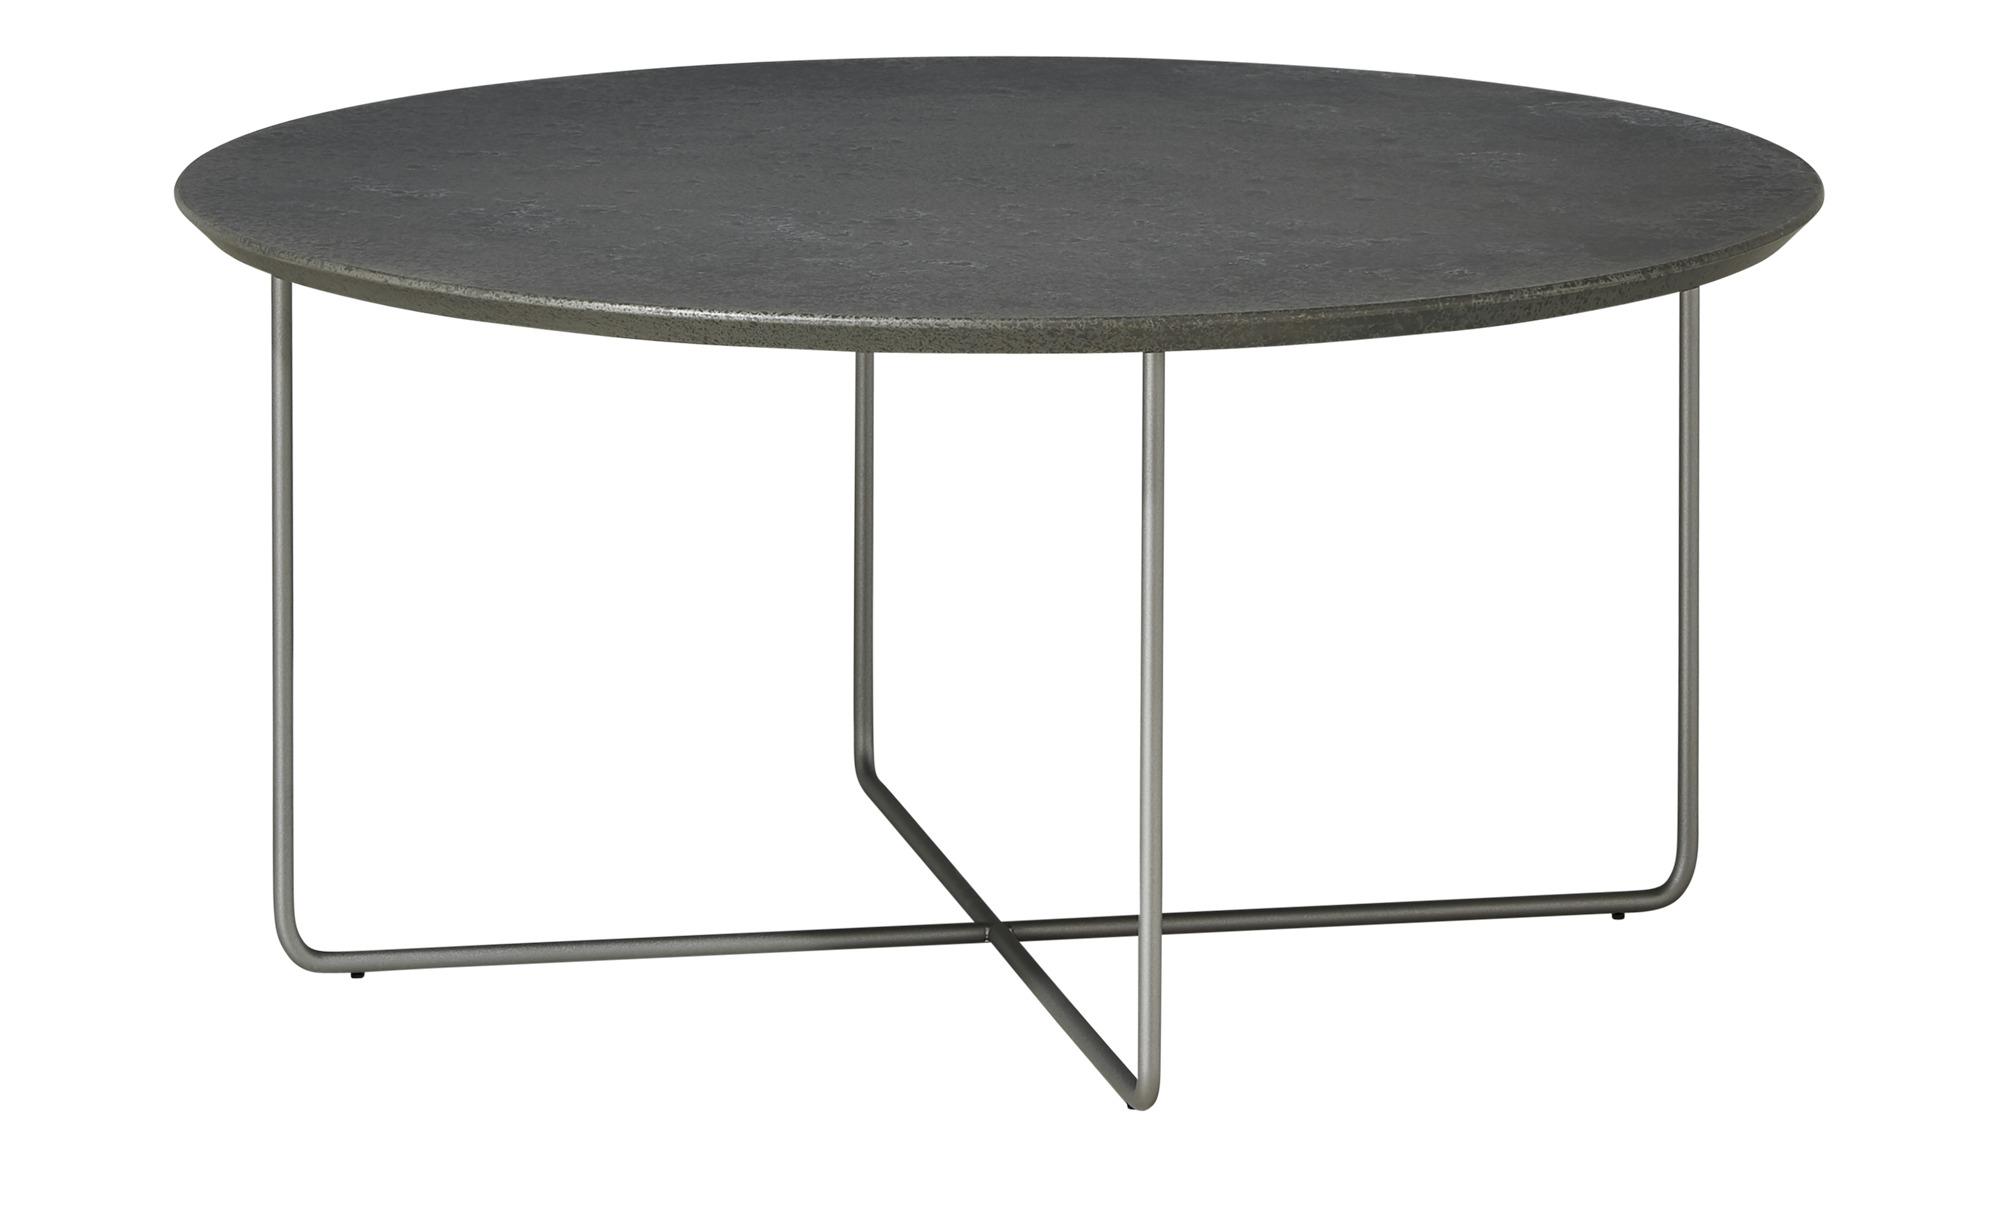 Couchtisch  Soft ¦ grau ¦ Maße (cm): H: 43 Ø: 90 Tische > Couchtische > Couchtische rund - Höffner